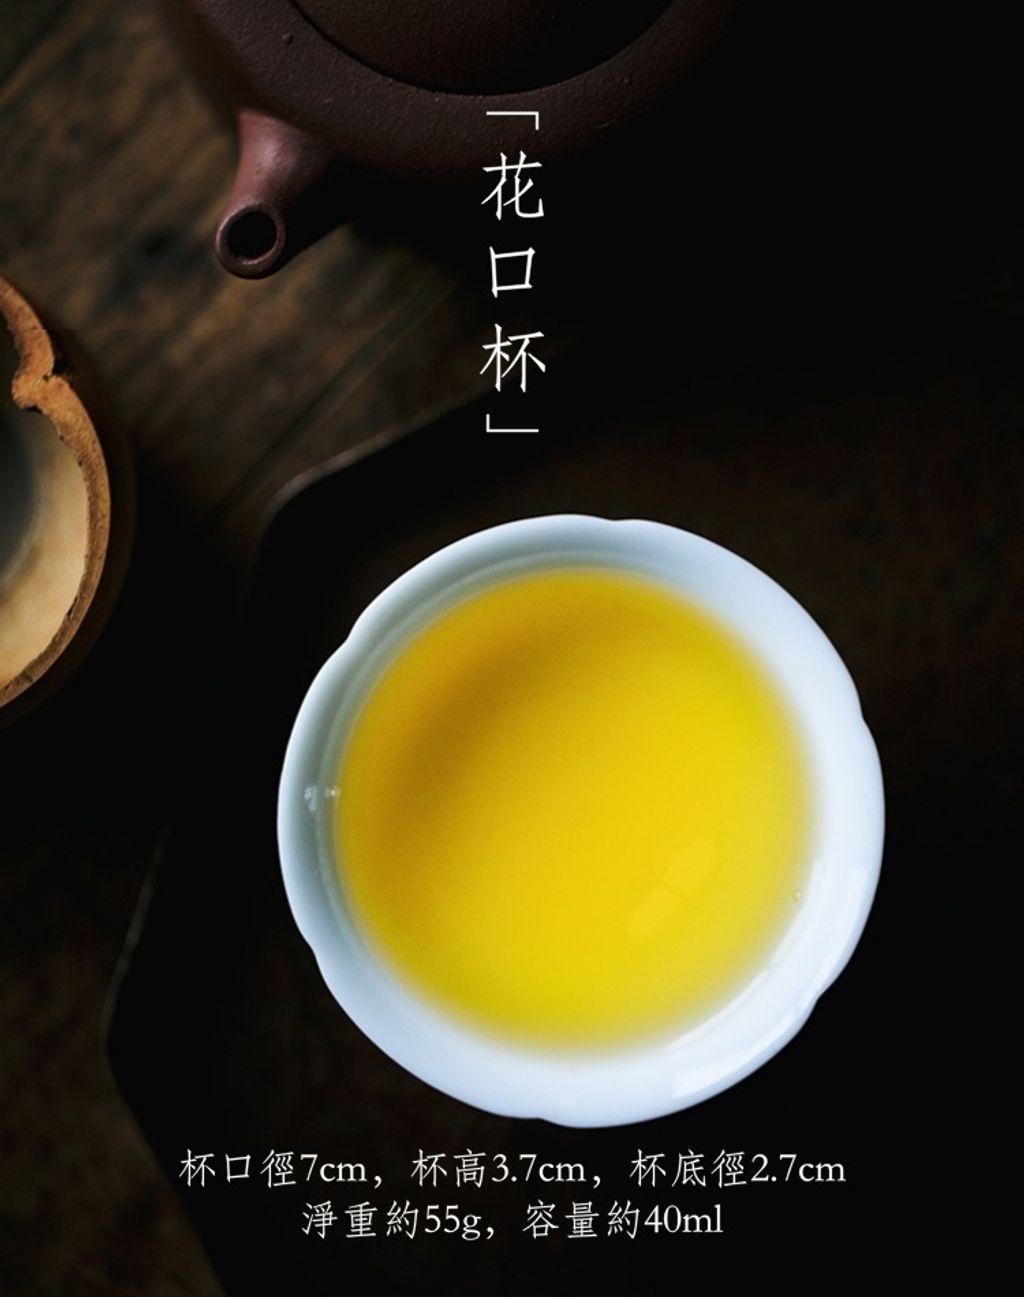 白玉瓷品茗杯04-1.jpg